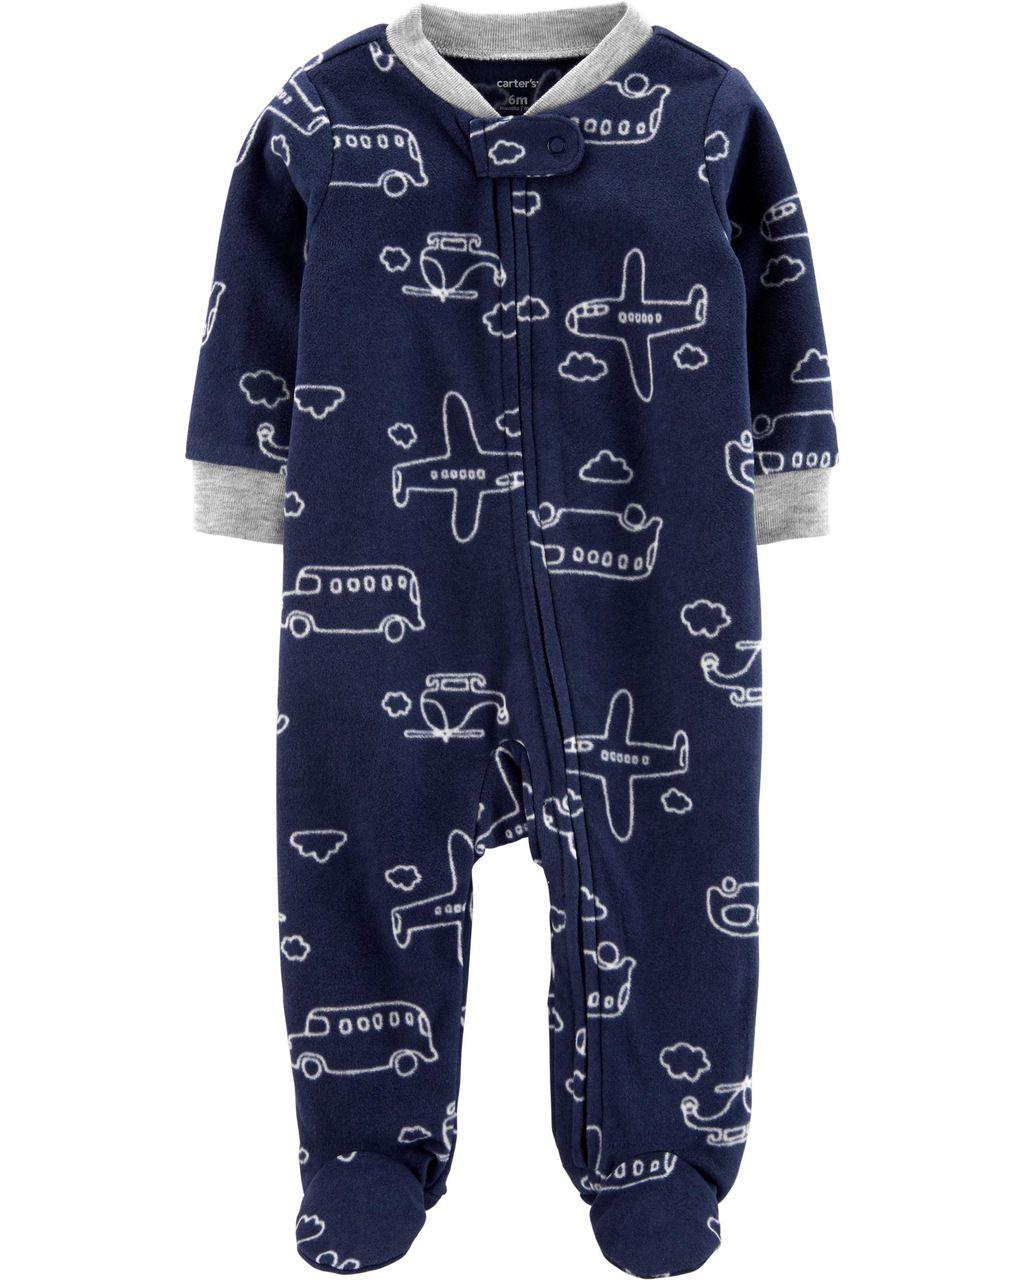 Pijama / Macacão Carters Transporte Fleece